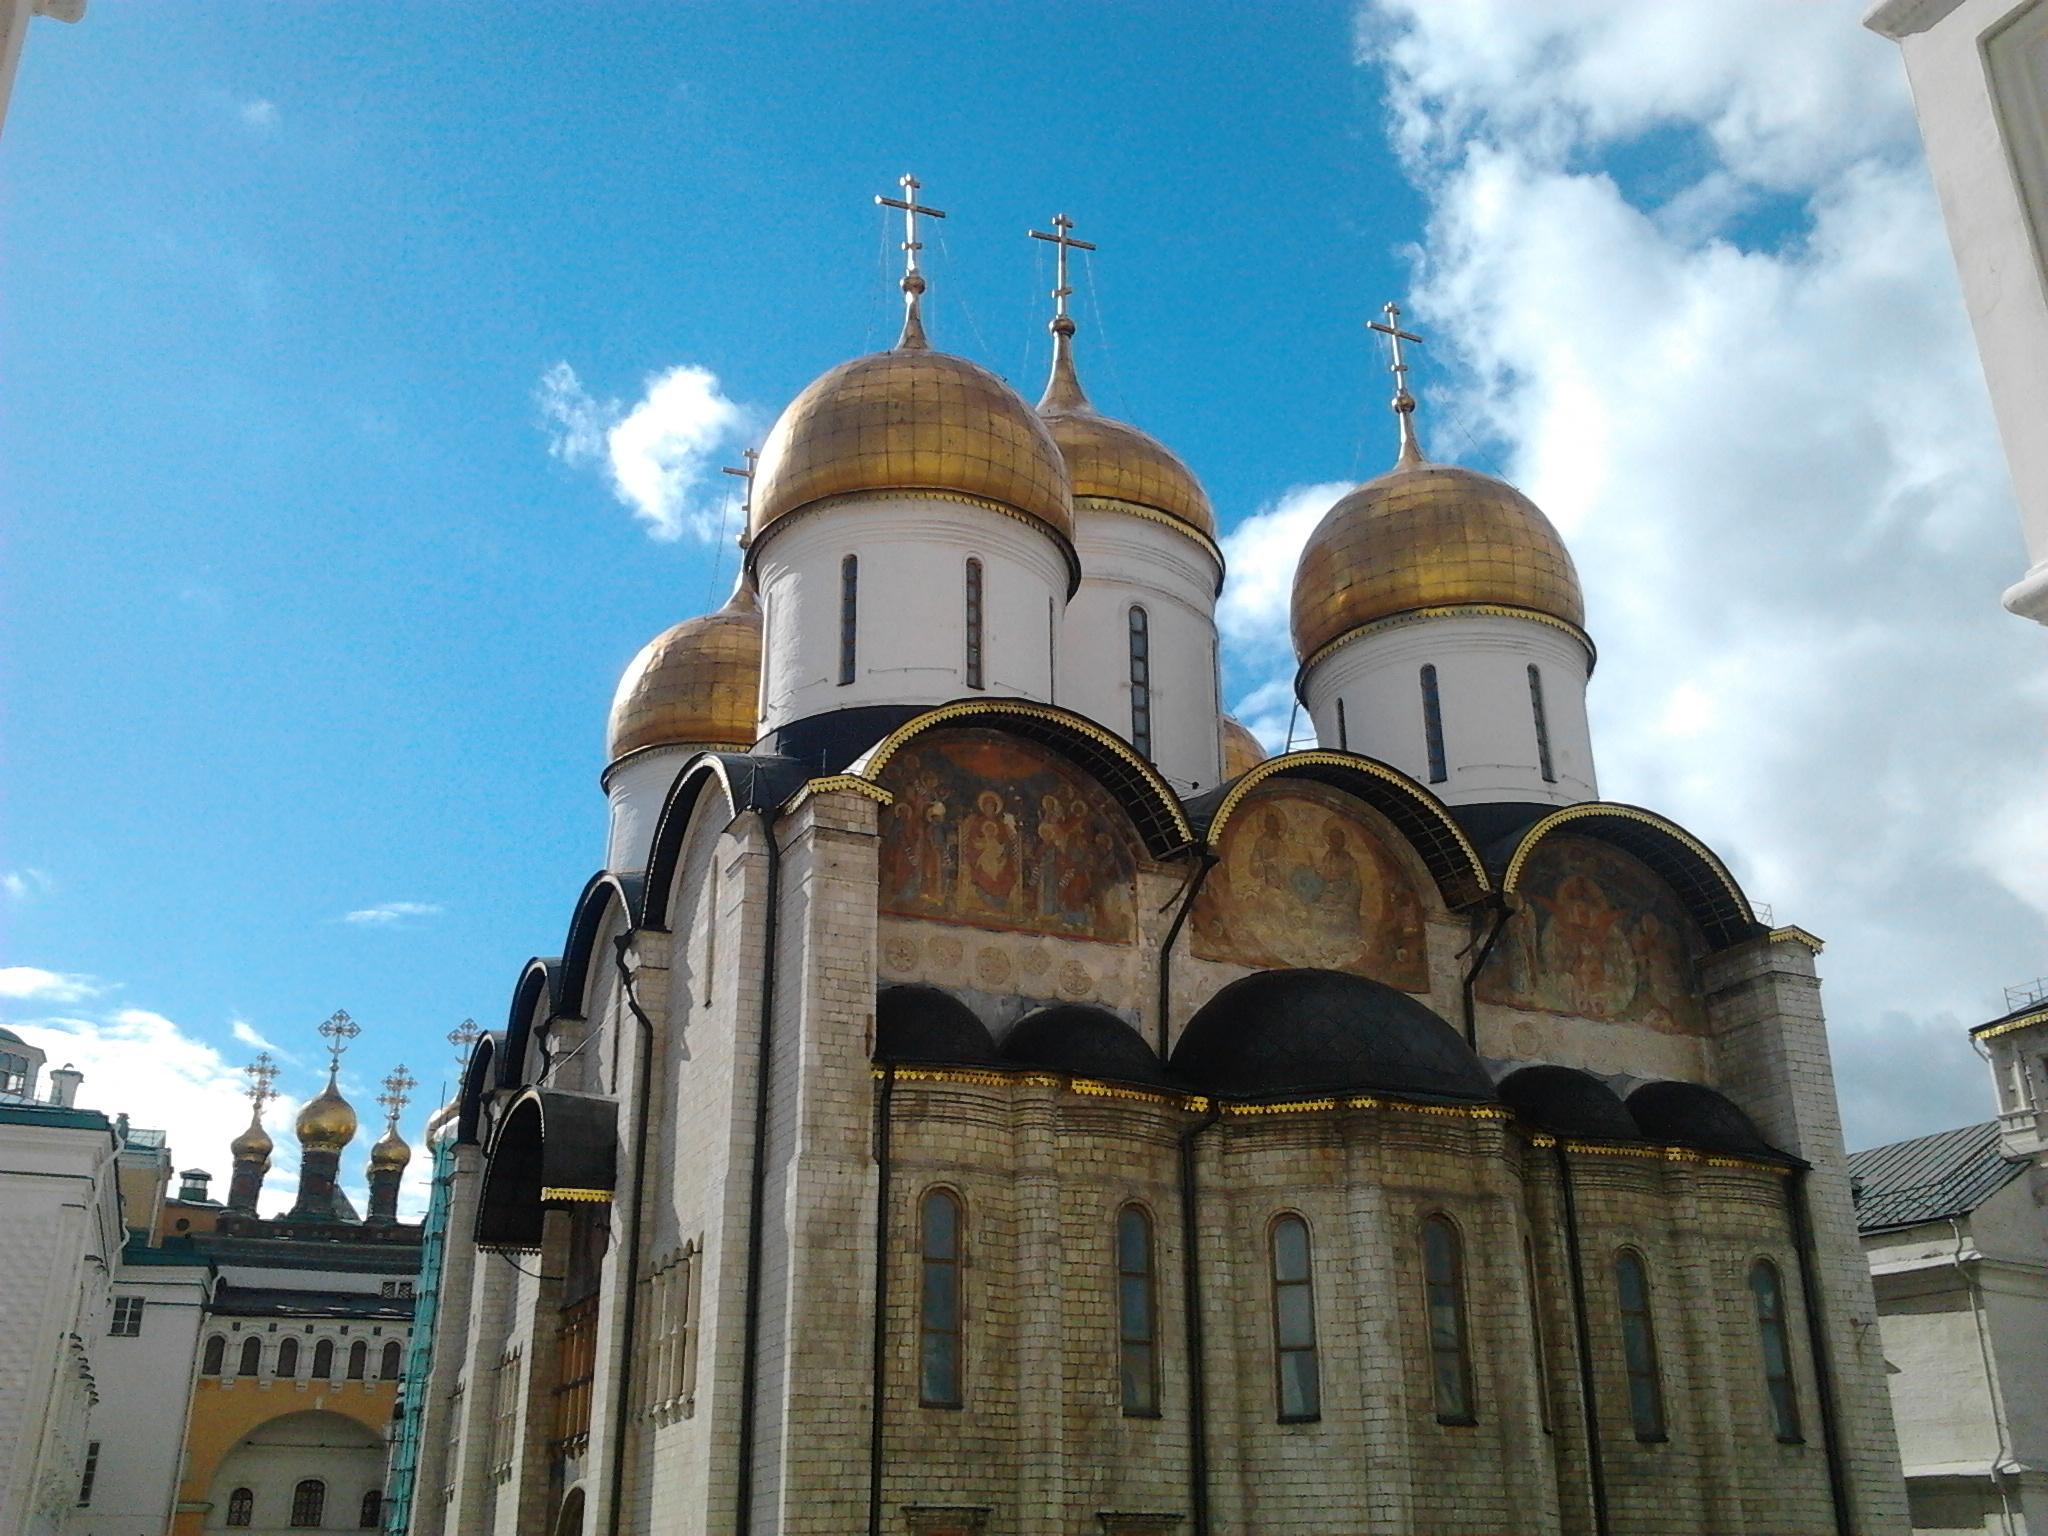 Moszkva: Az Uszpenszkij-székesegyház titokzatos freskói